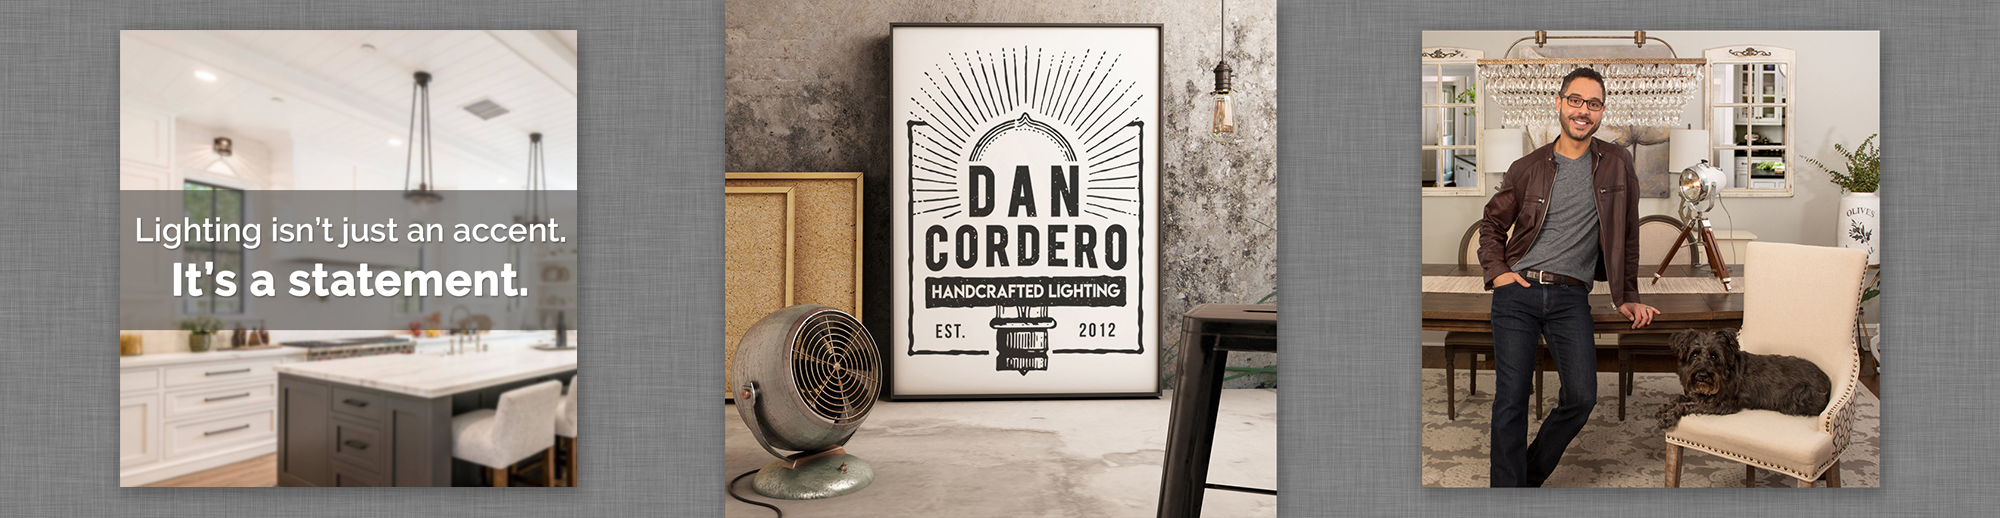 Dan Cordero website banner